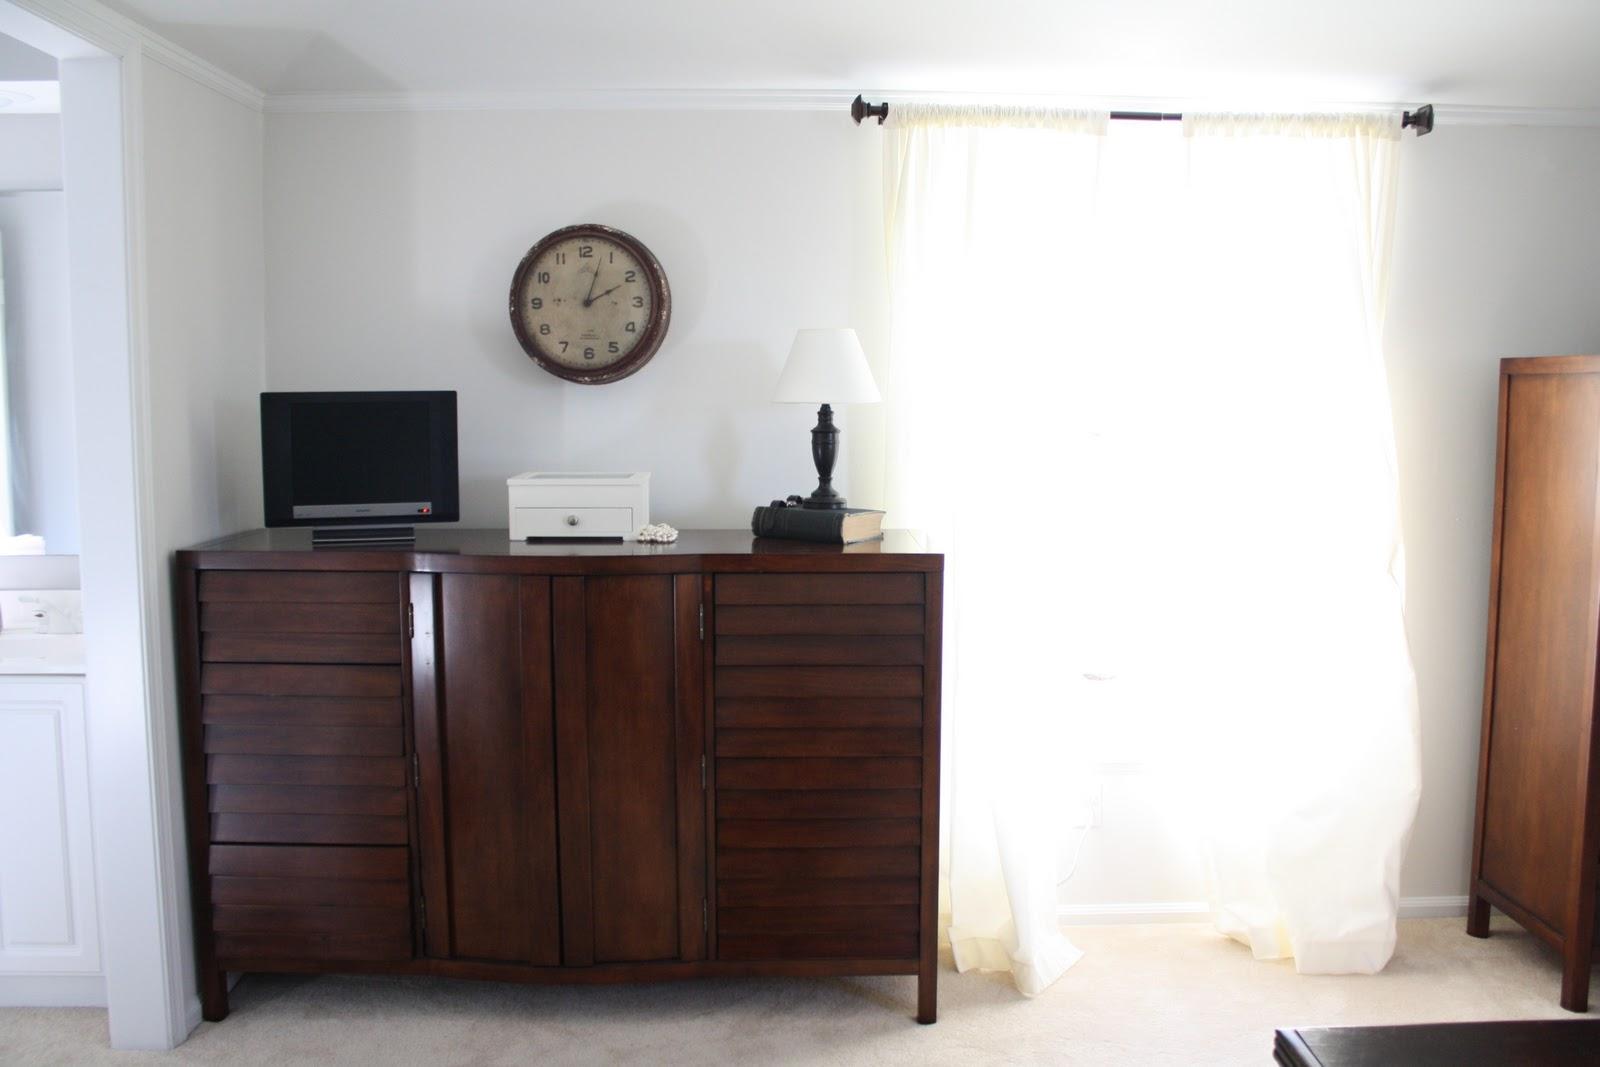 Master Bedroom Remodel Redesign Julie Blanner entertaining